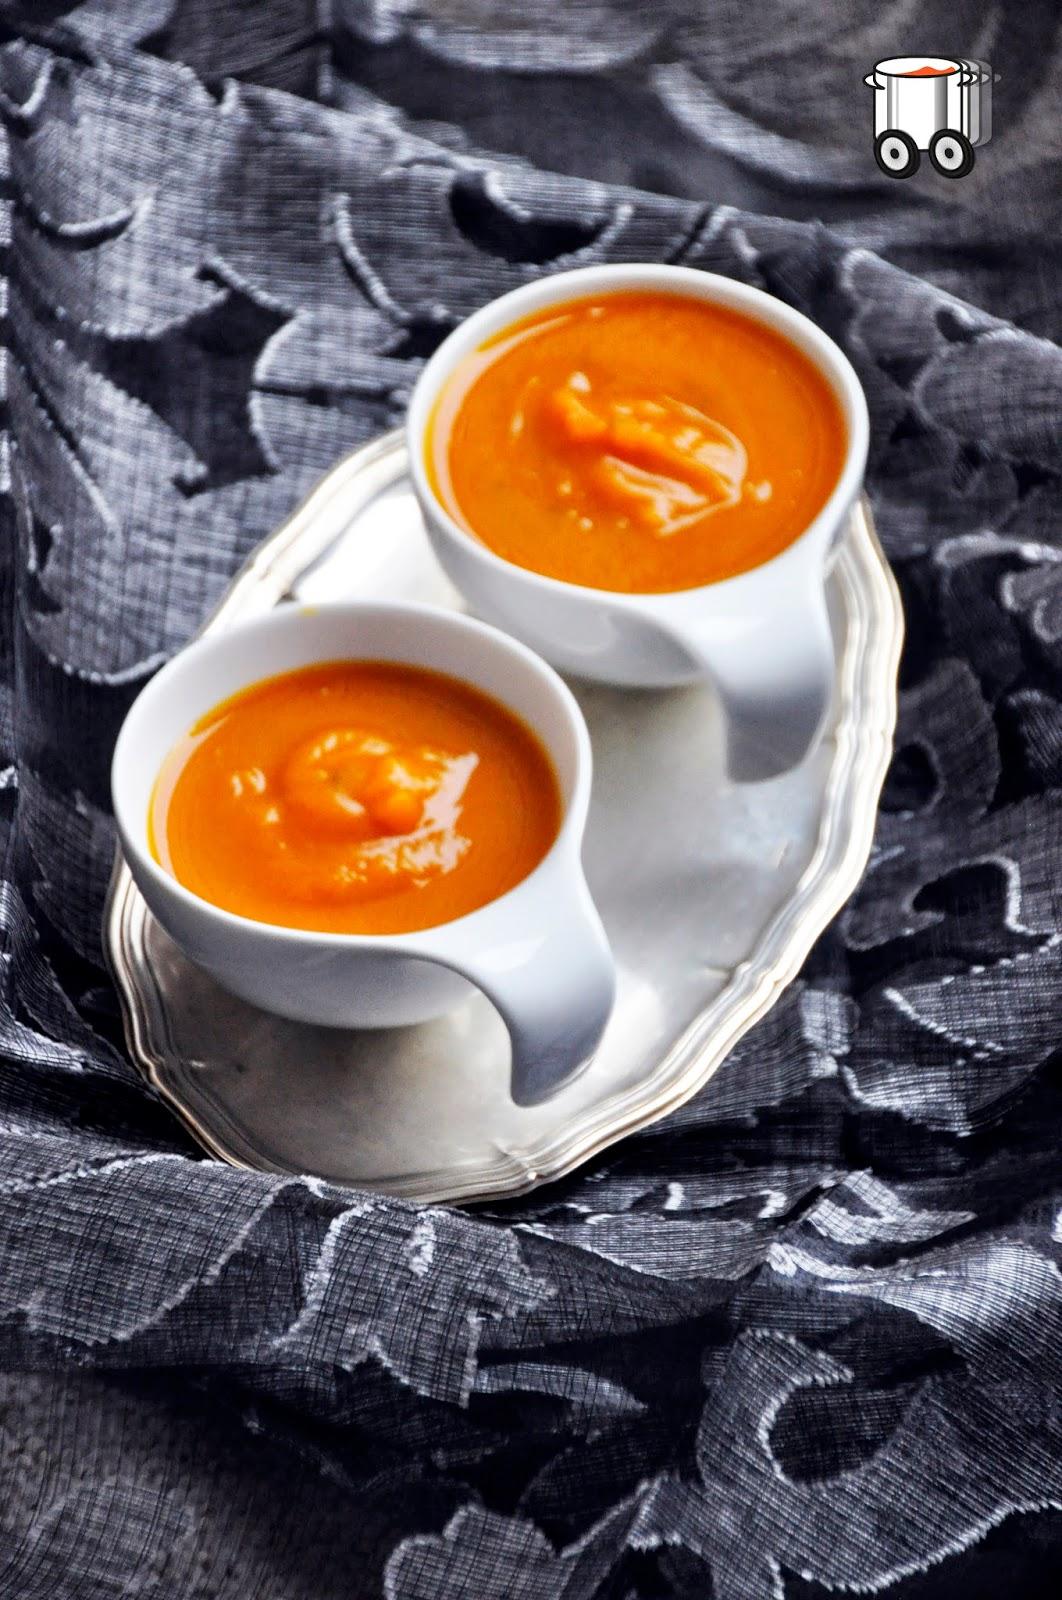 Szybko Tanio Smacznie - Kremowa zupa z dyni maślanej